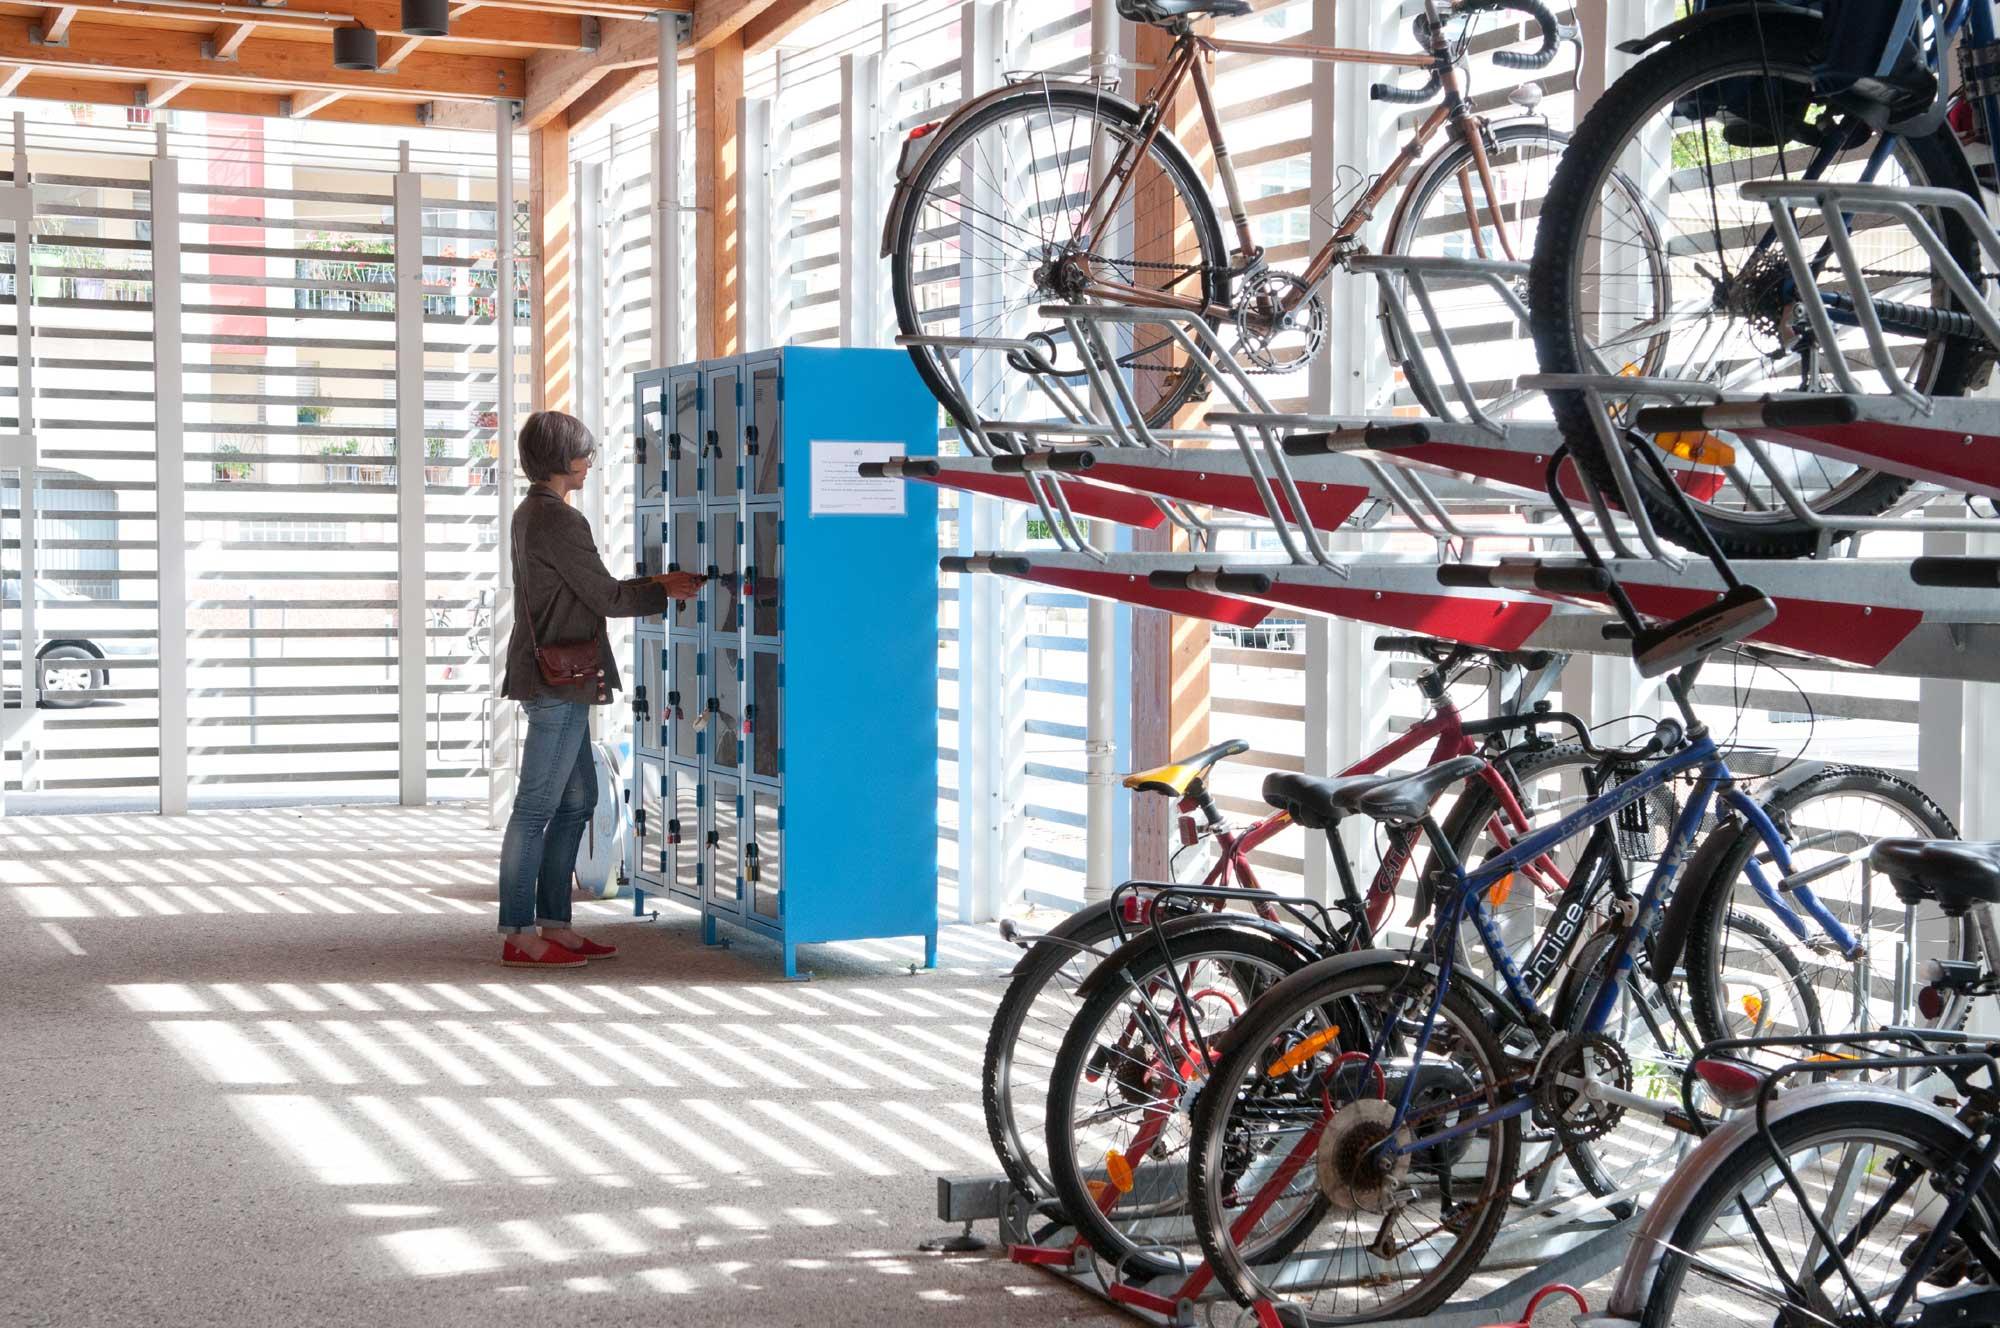 Consigne collective à la gare, côté rue Beauvais